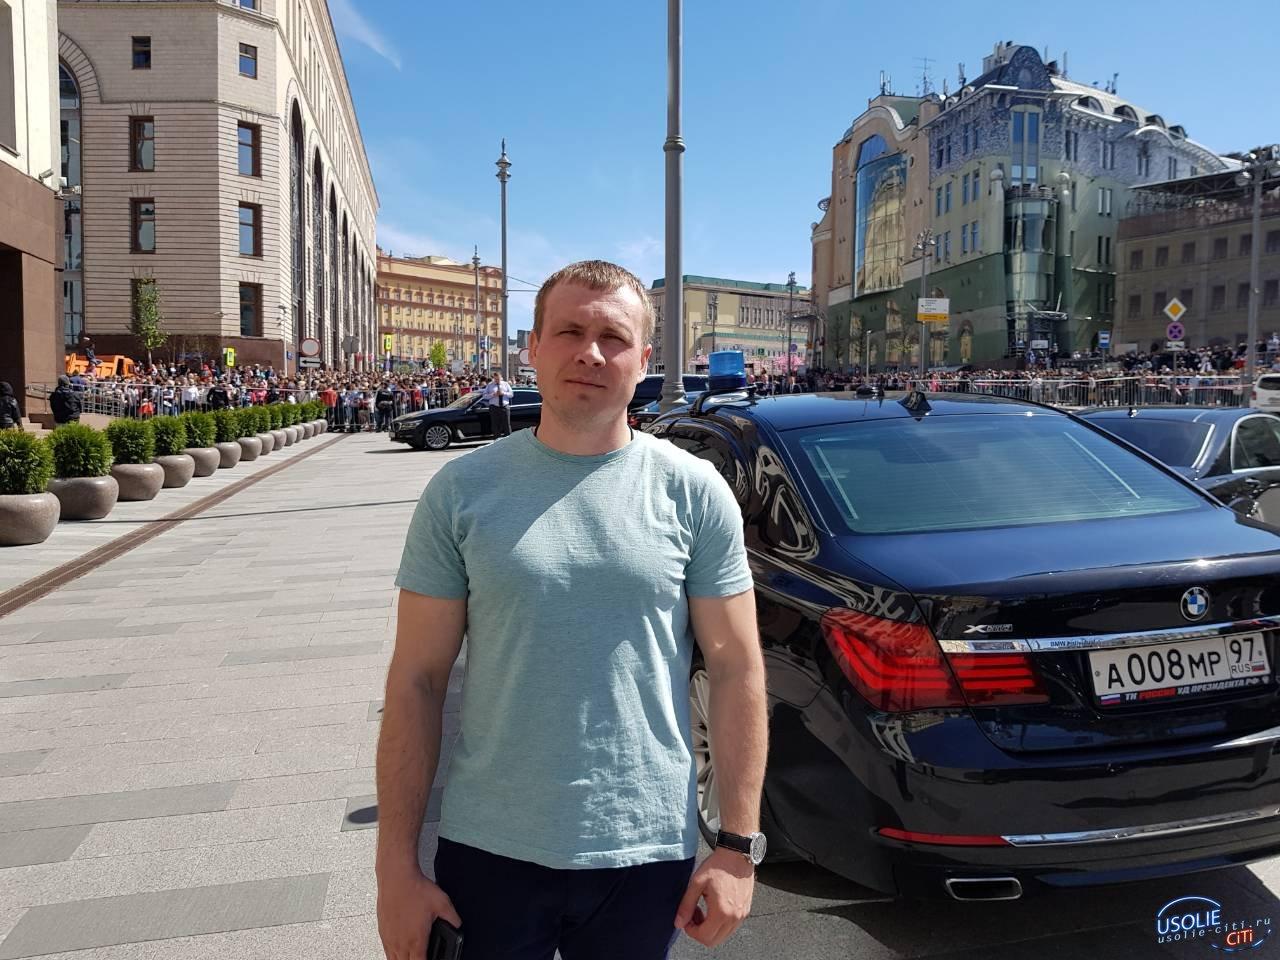 Мечта усольчанина Сергея Троянова исполнилась. Привет землякам с Красной площади